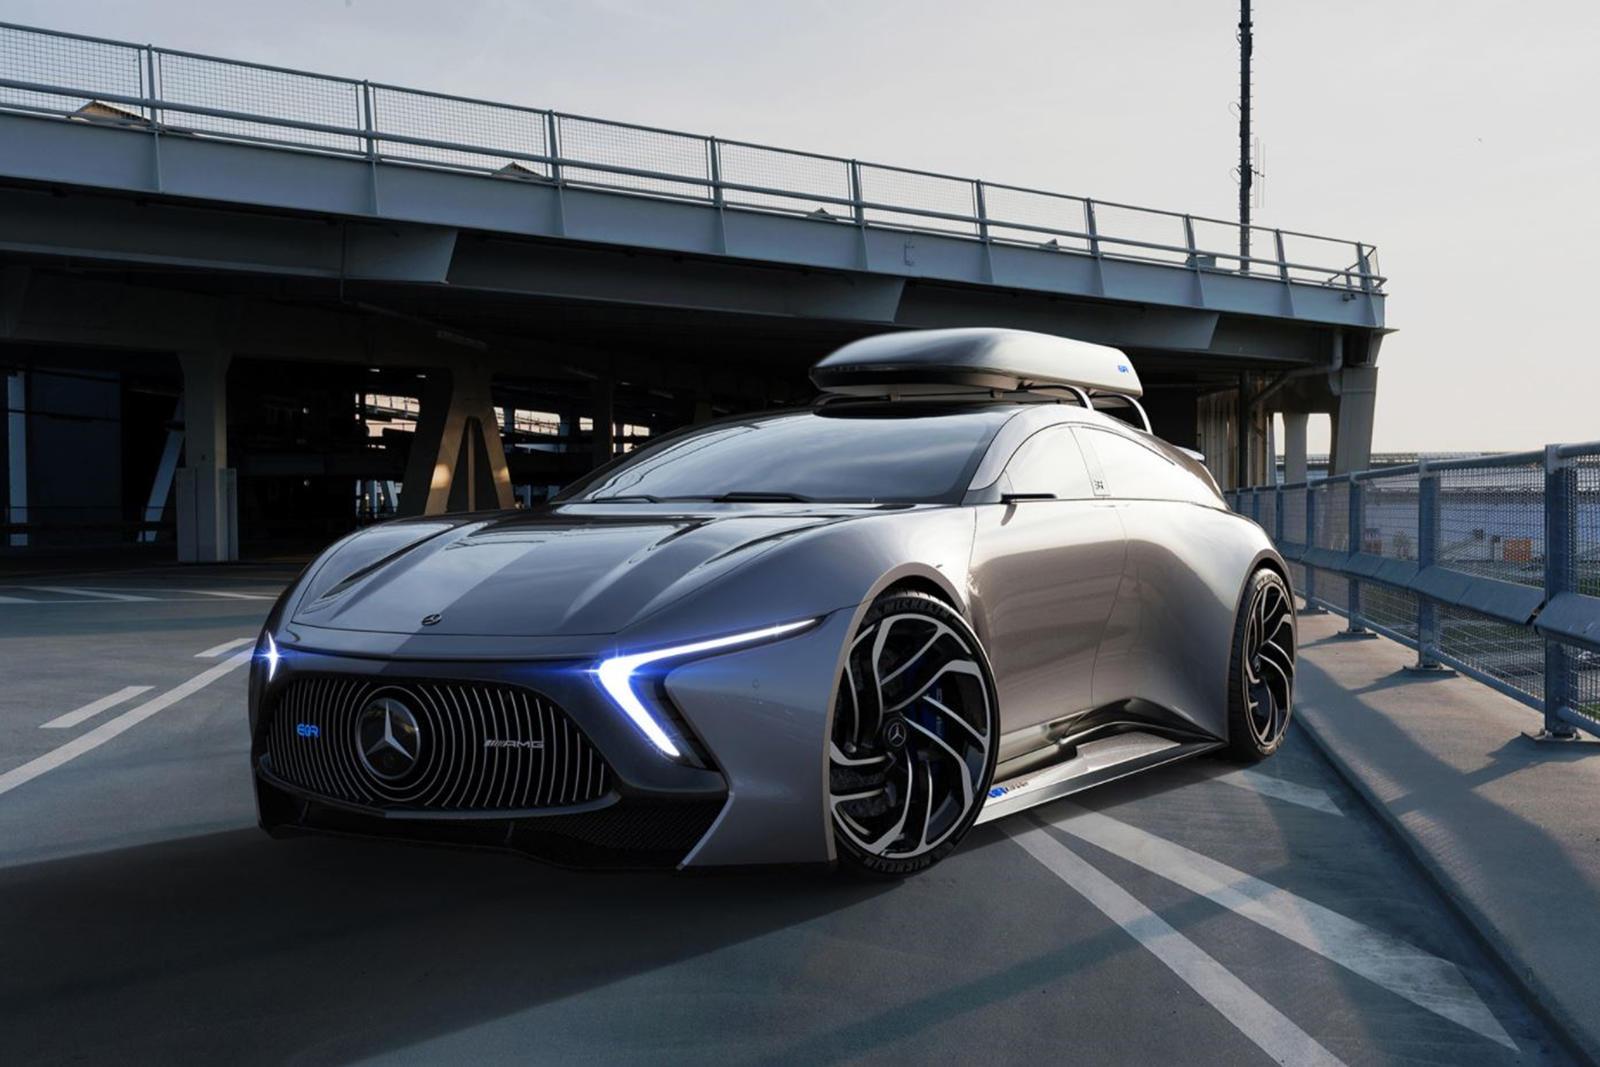 В передней части автомобиля имеется вогнутая решетка с мелкой сеткой, обрамленная тонкими светодиодными фарами, а капот перетекает в расширяющиеся колесные арки.